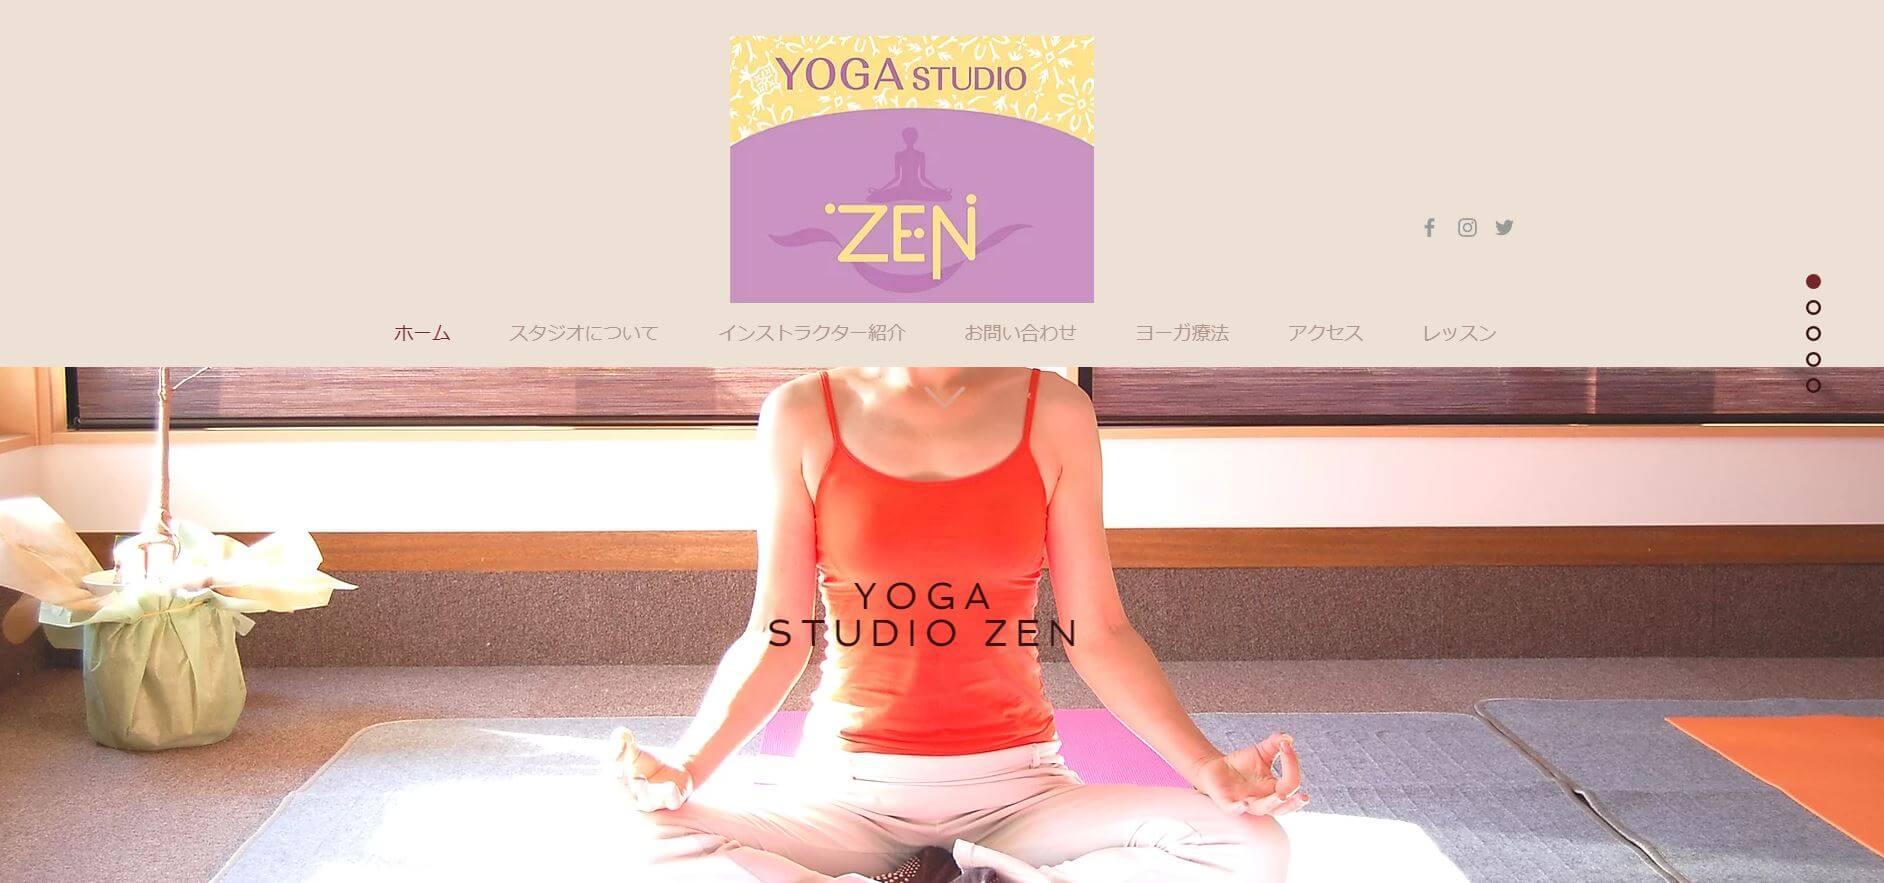 YOGA STUDIO ZEN